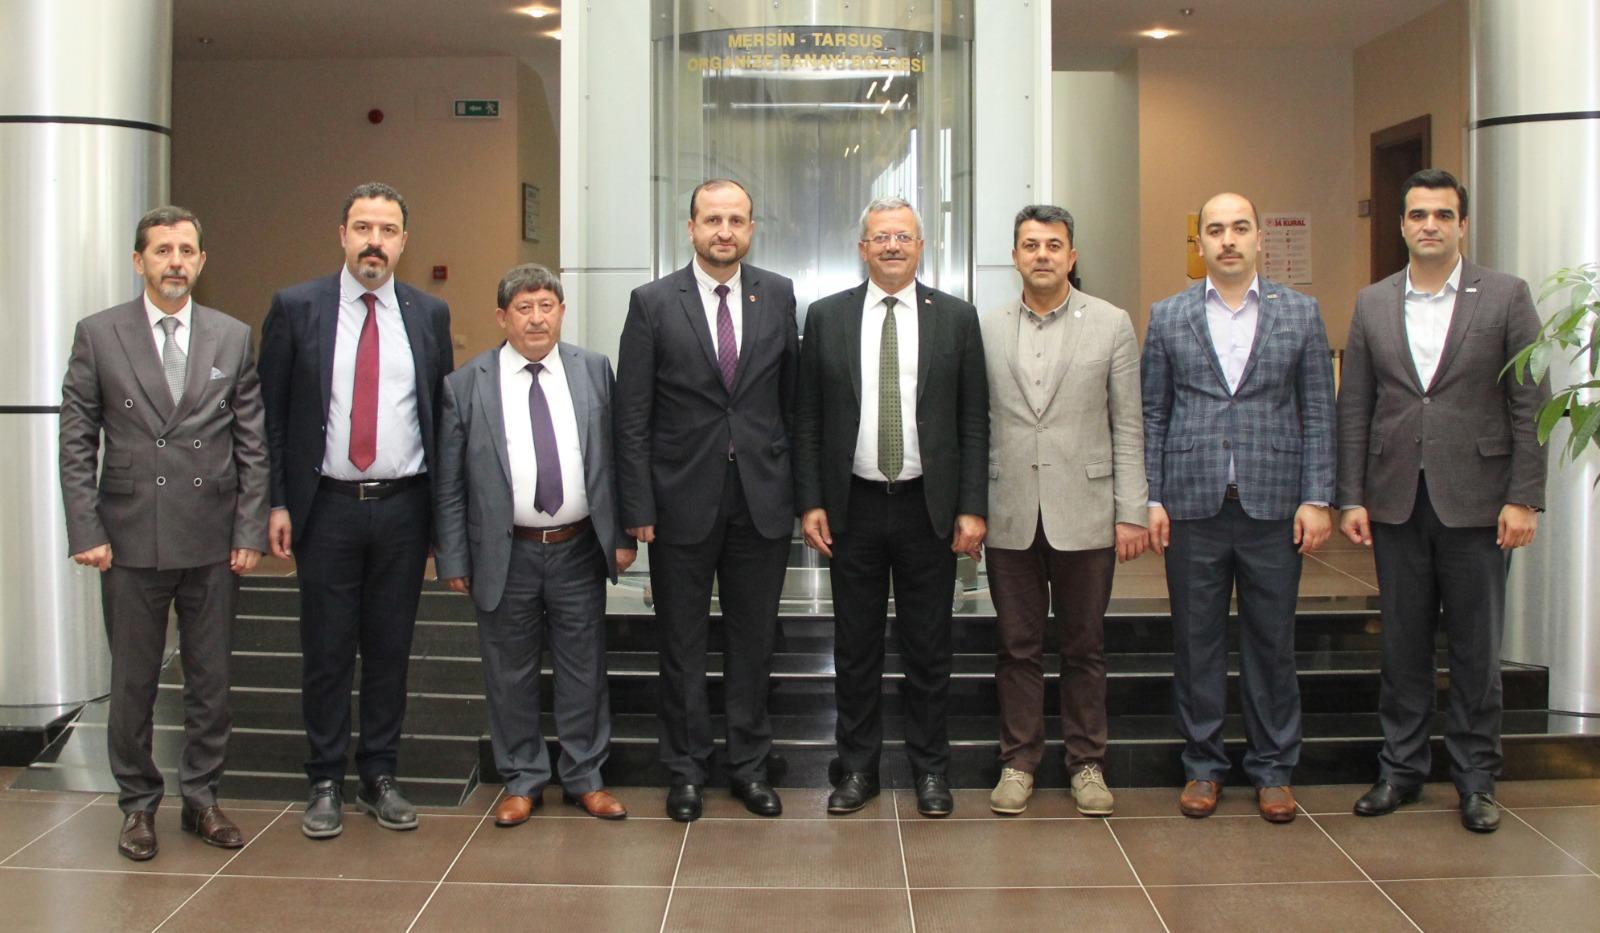 OSB BÖLGE MÜDÜRLERİ KOORDİNASYON TOPLANTISI'NDA MTOSB'DE BULUŞTU